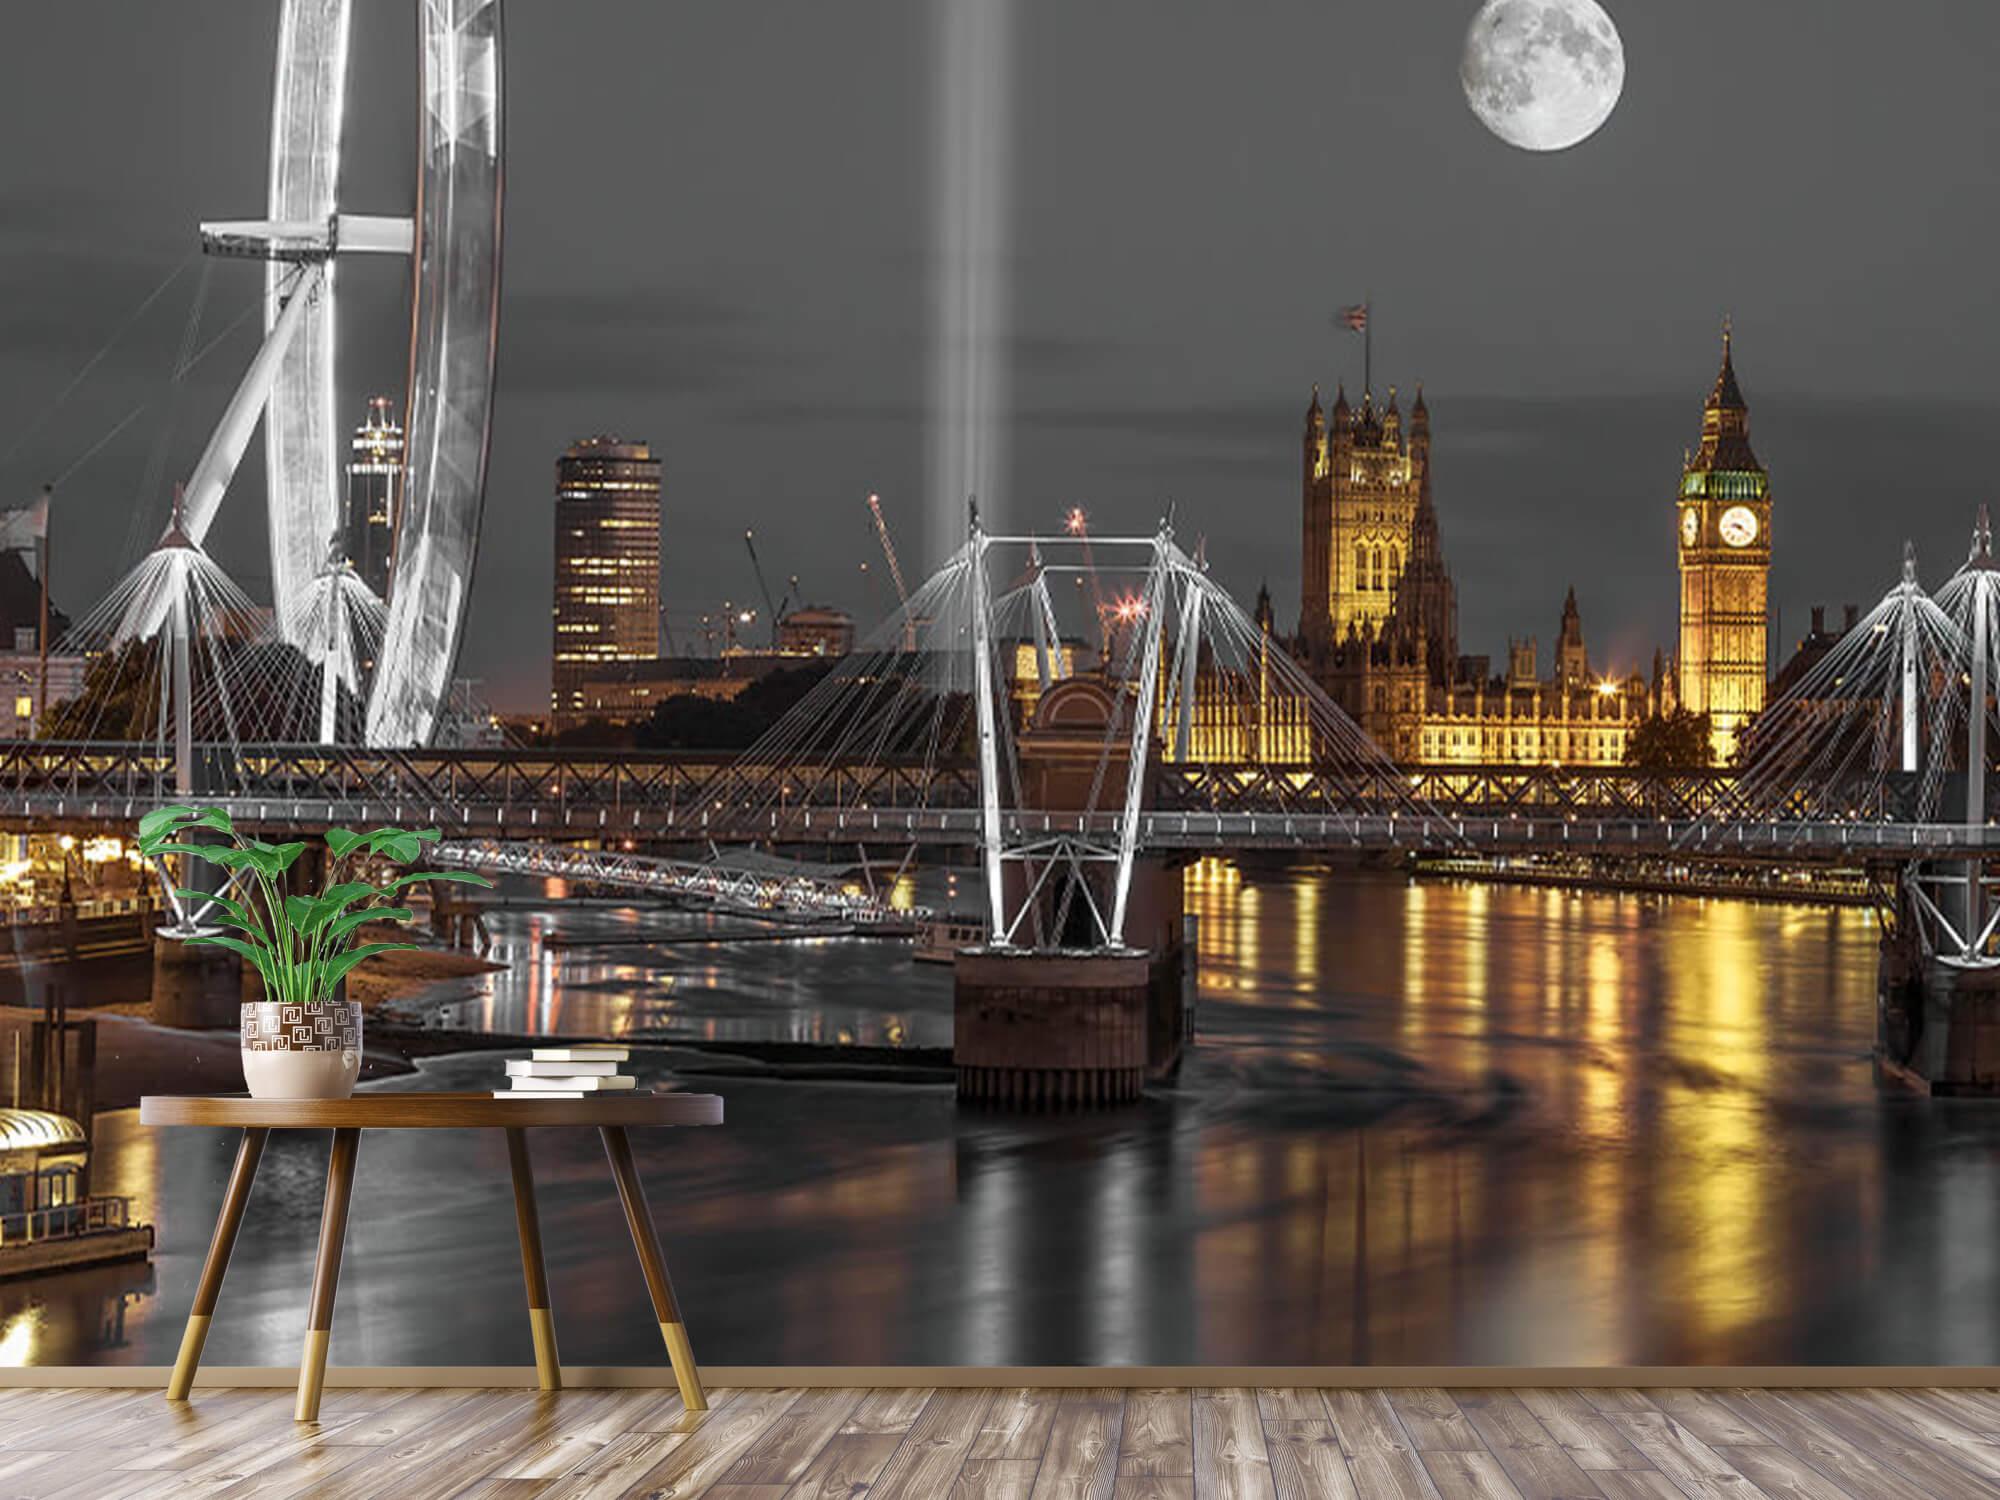 Westminster en soirée 5